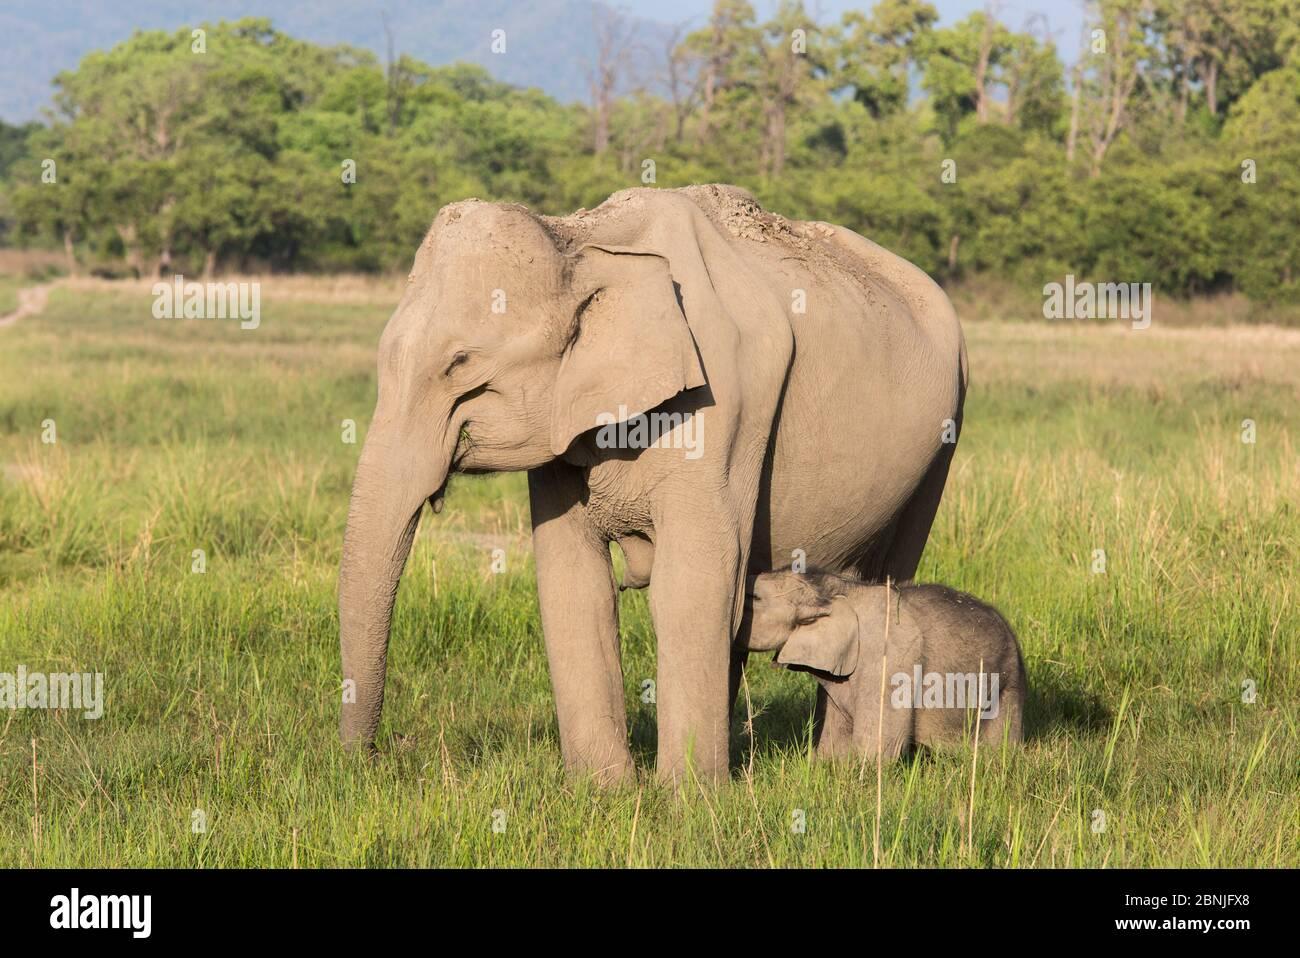 Éléphant asiatique (Elepha maxima), tétée du veau pendant que la mère nourrit l'herbe. Parc national Jim Corbett, Inde. Banque D'Images